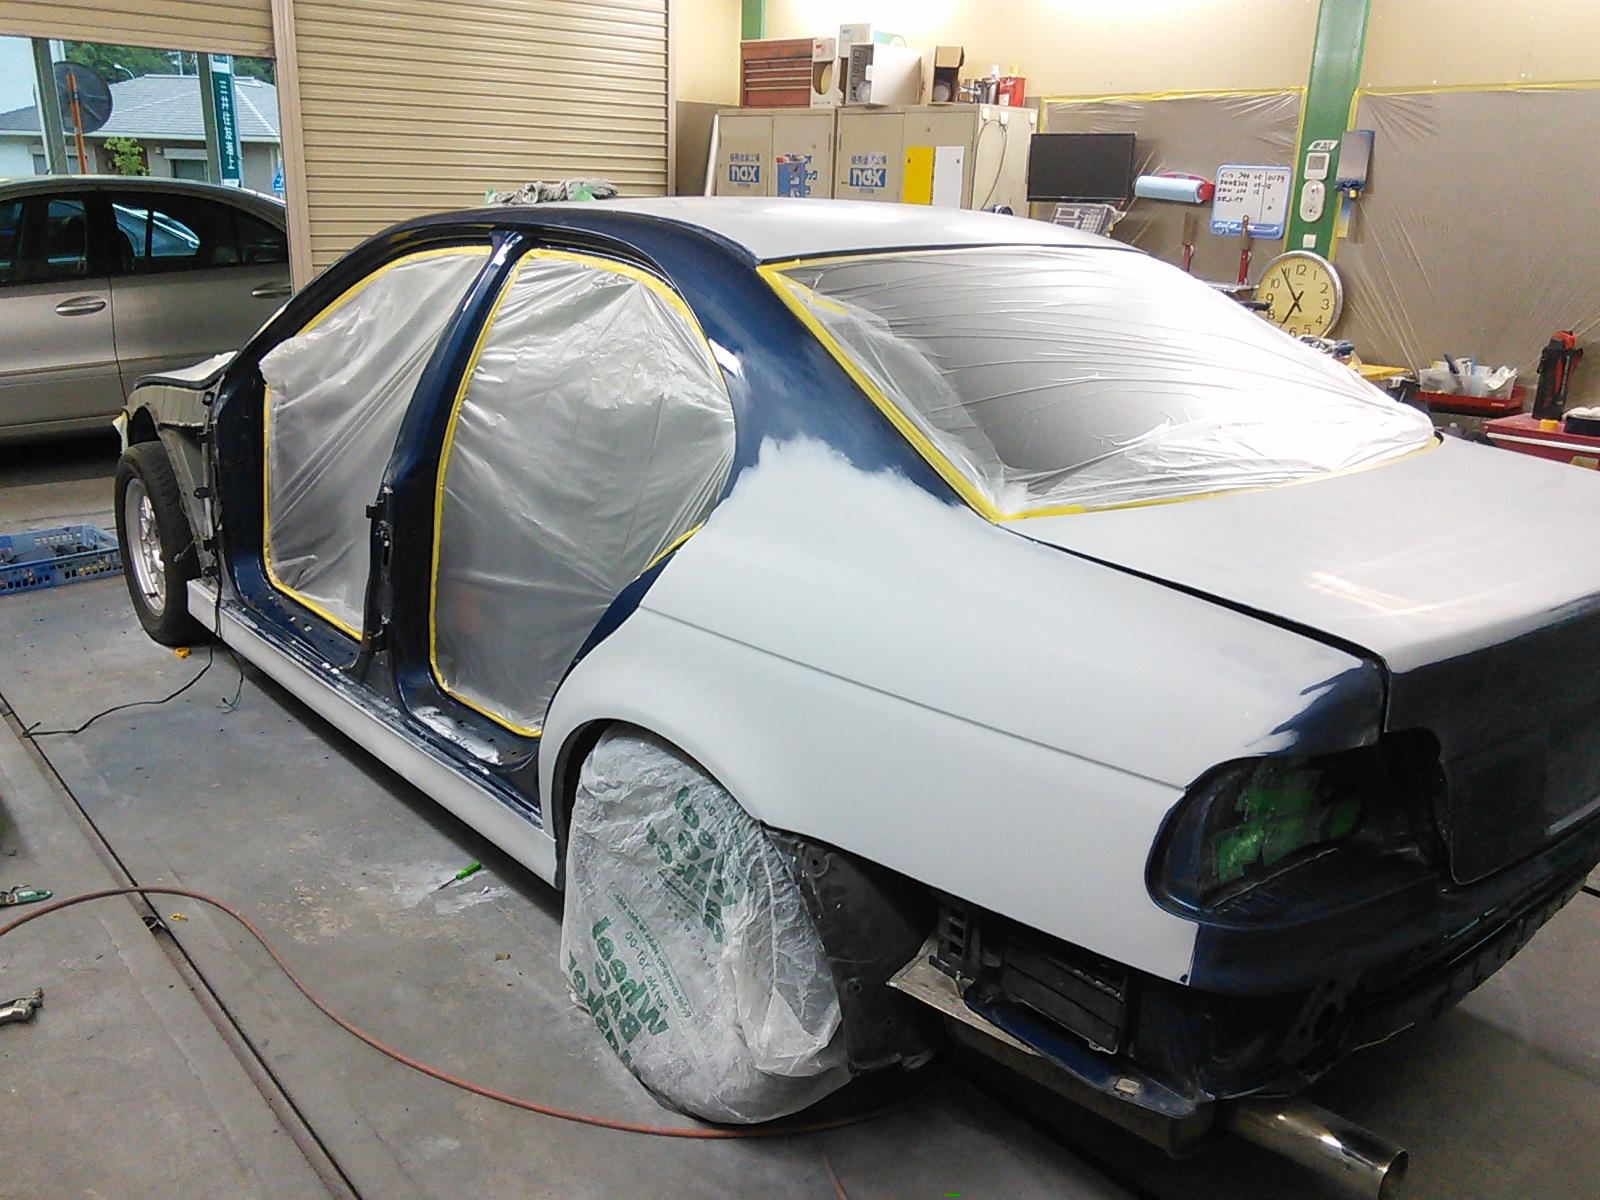 クラウン ワゴン  旧車? バンパー修理  豊田市  板金塗装